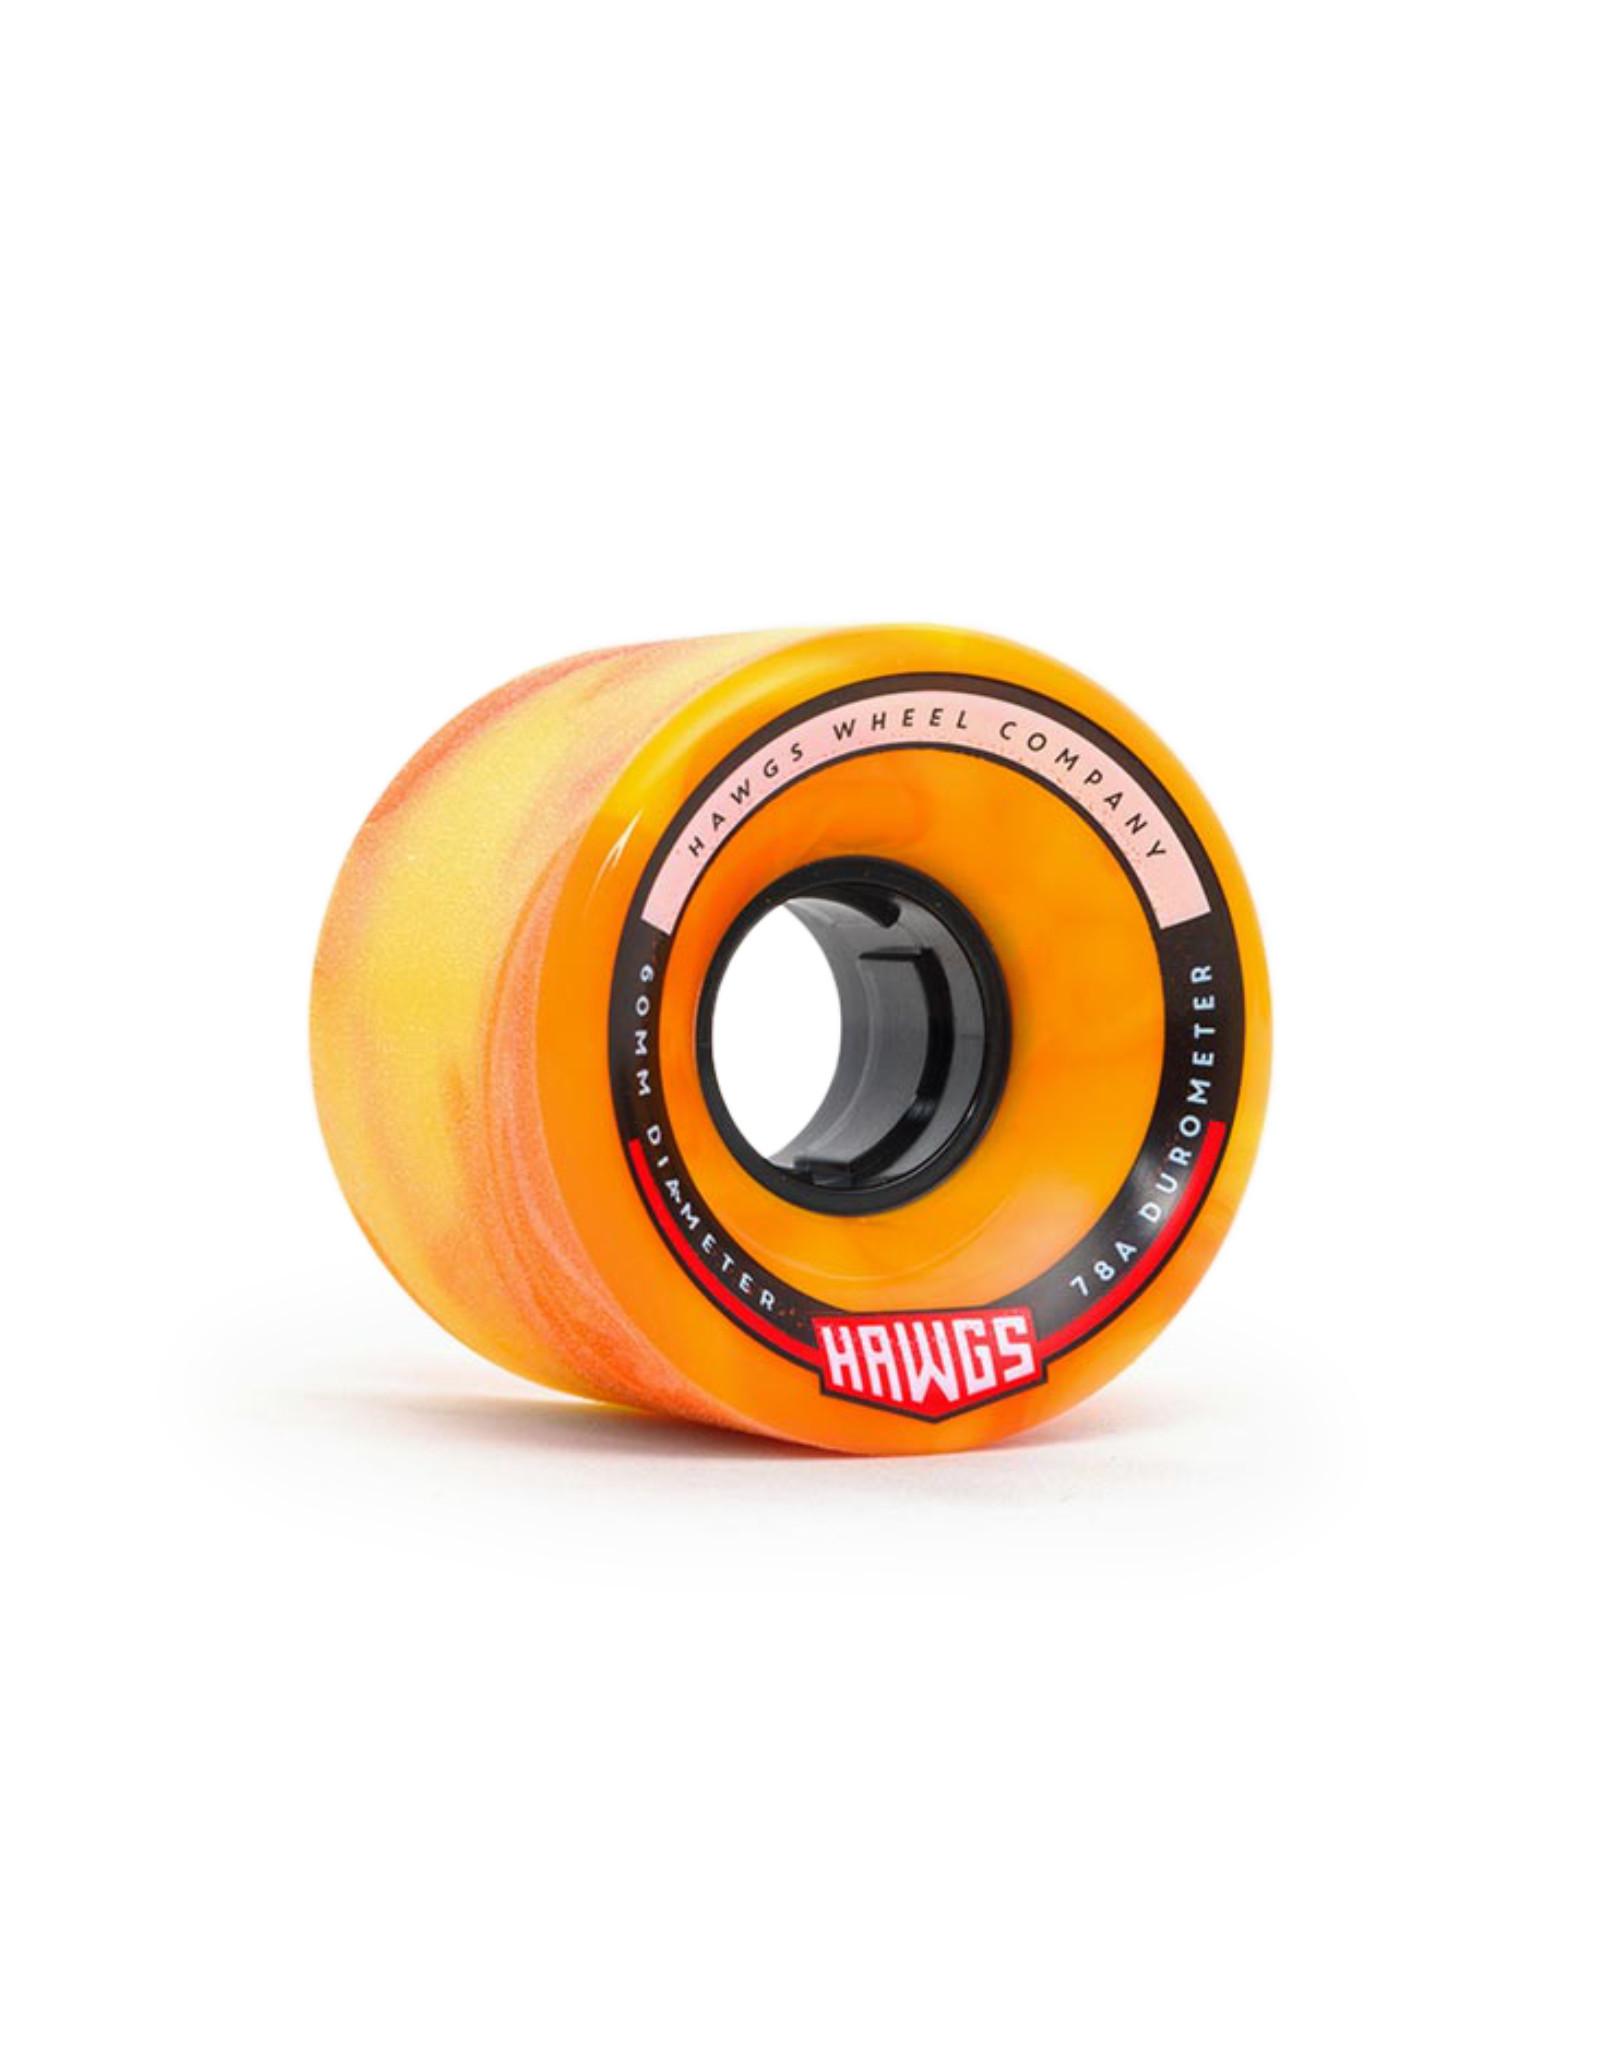 Hawgs Wheels Hawgs Chubby Rollen 60 mm 78A Orange/Yellow Swirl 4er-Set